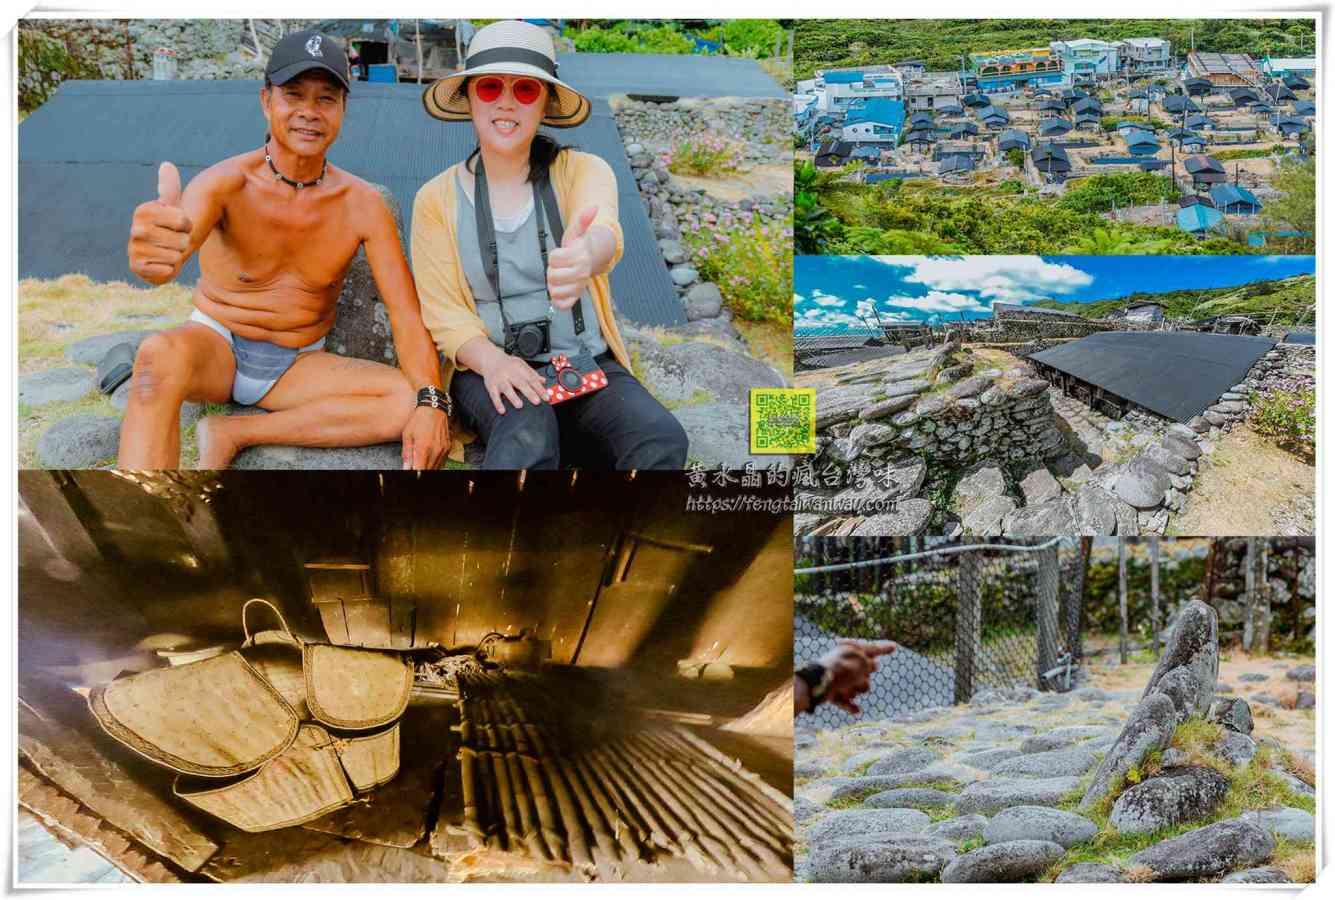 達悟族野銀部落傳統地下屋【蘭嶼景點】|蘭嶼必訪景點&費用;最具知名度的優質地下屋導覽員 @黃水晶的瘋台灣味